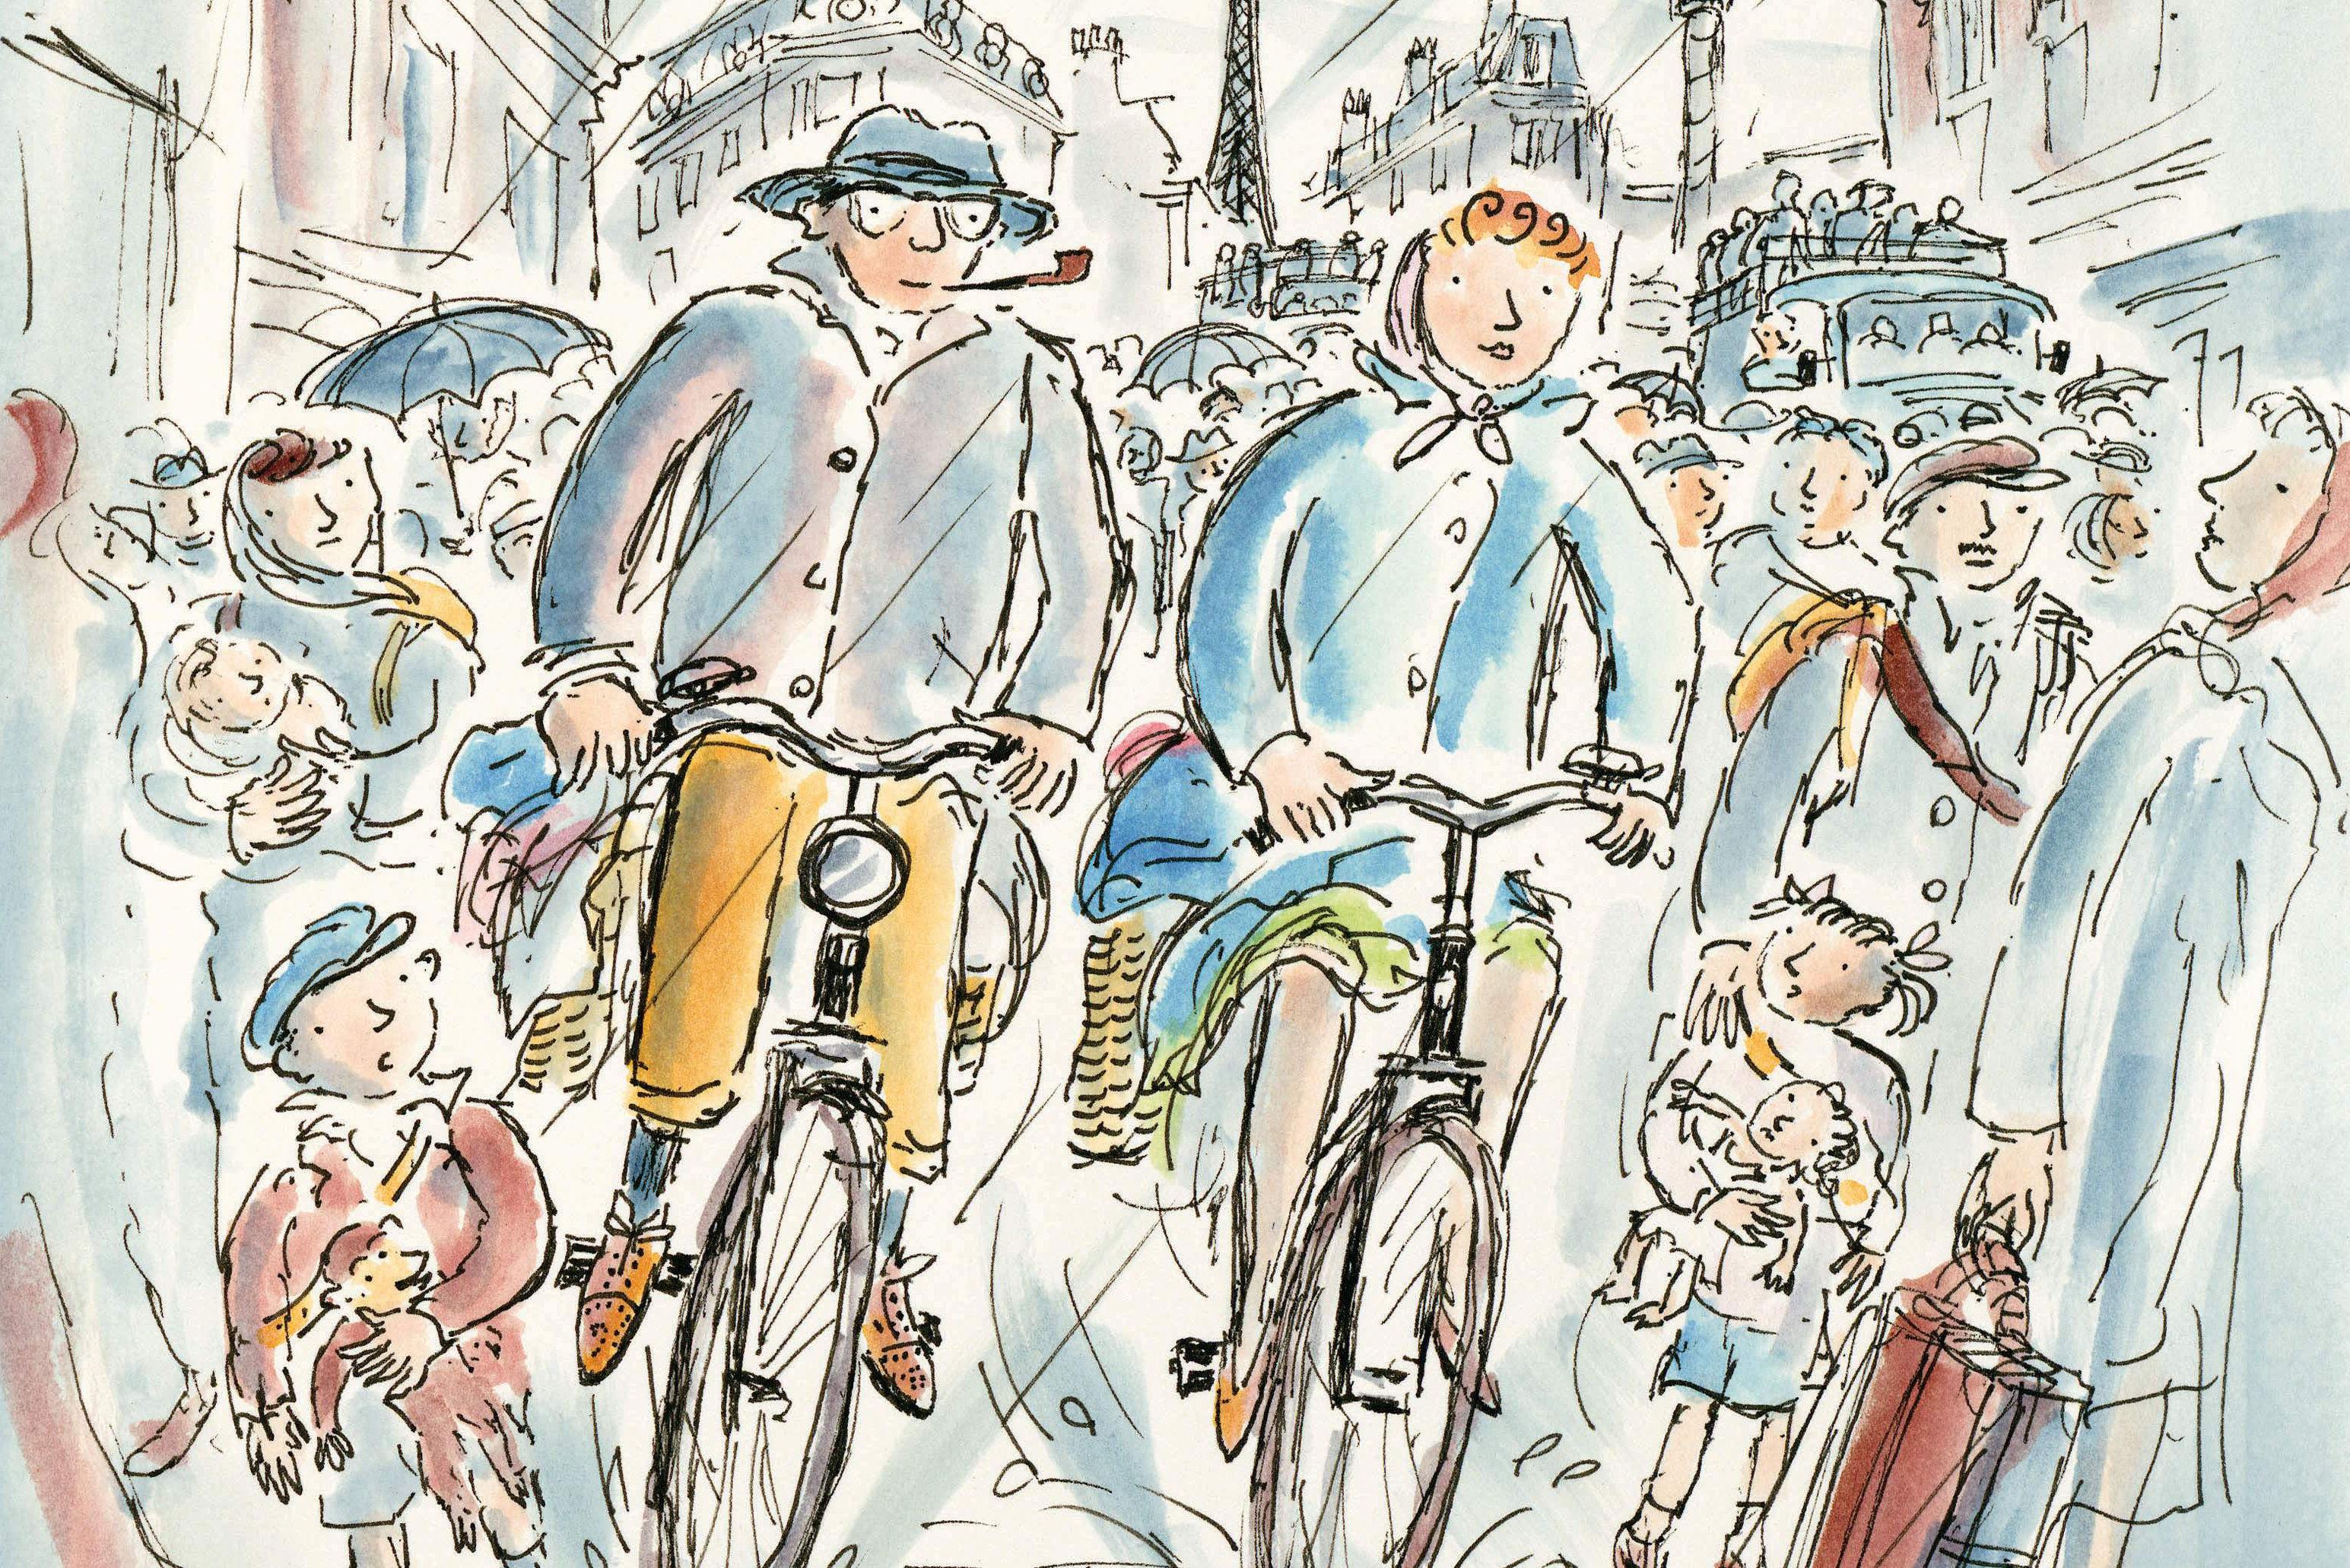 Jis 0417 curious george riding bikes in the rain qiwo1h